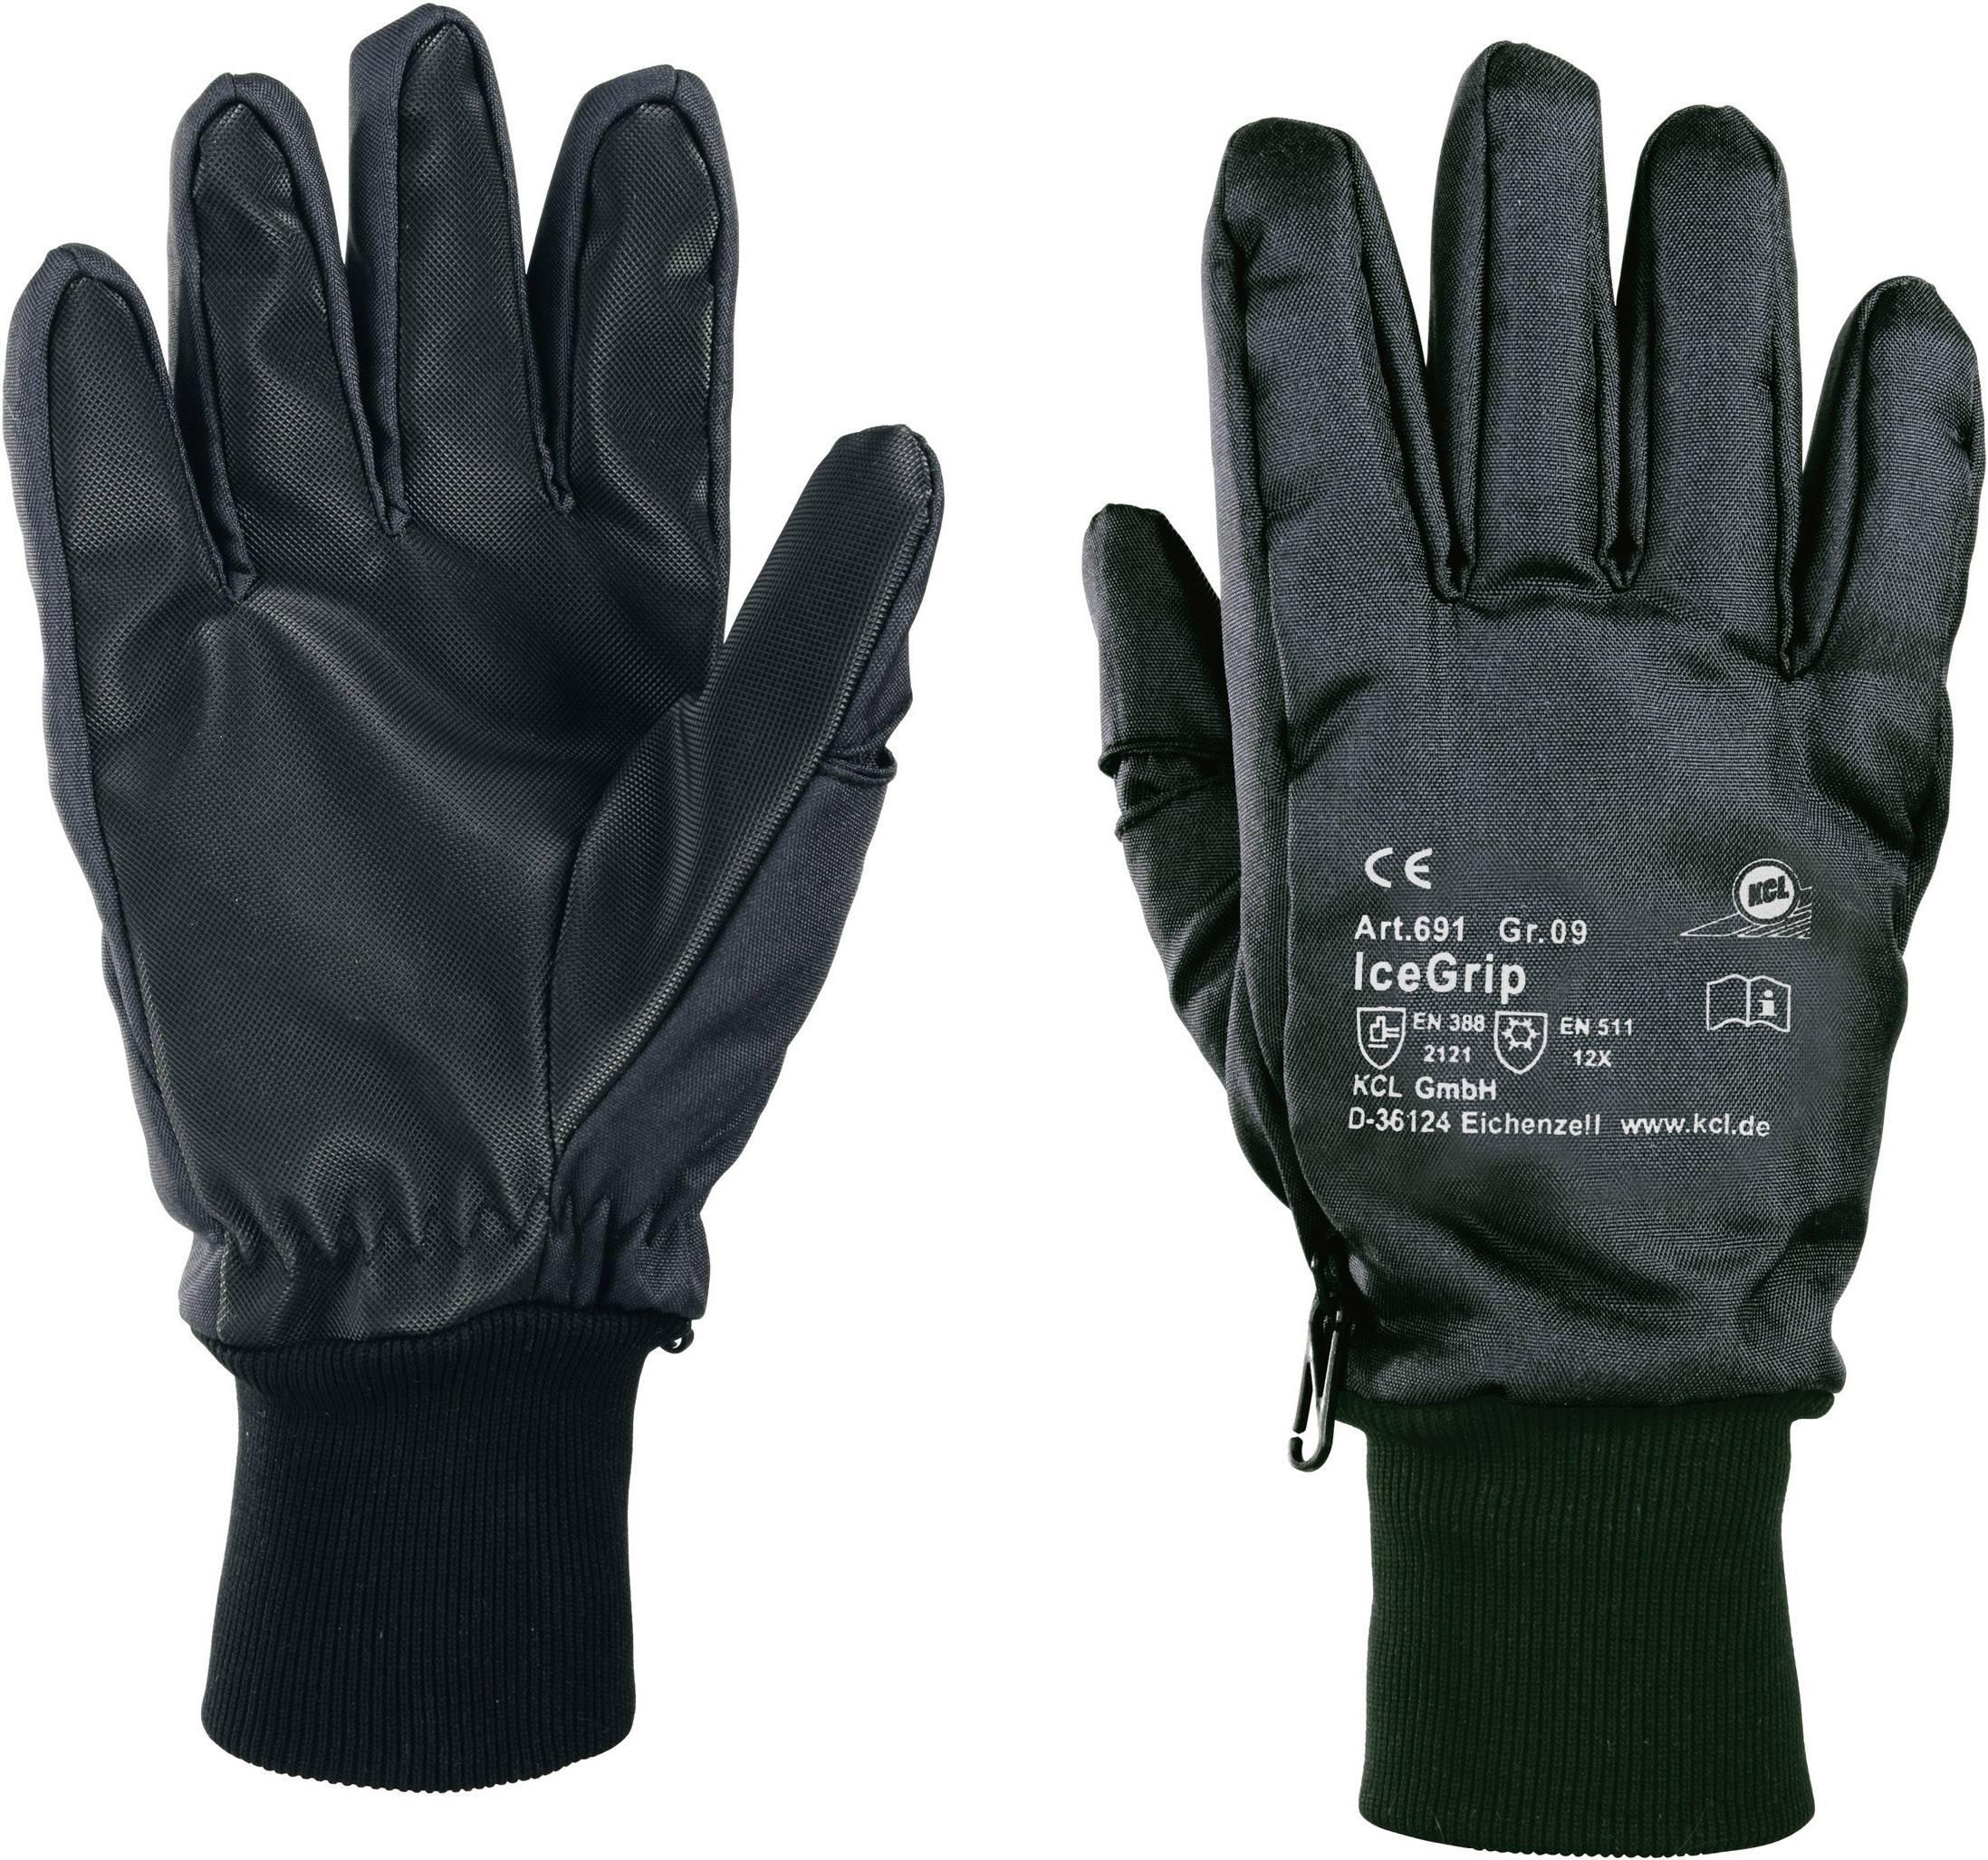 Pracovné rukavice KCL IceGrip 691 691, velikost rukavic: 10, XL